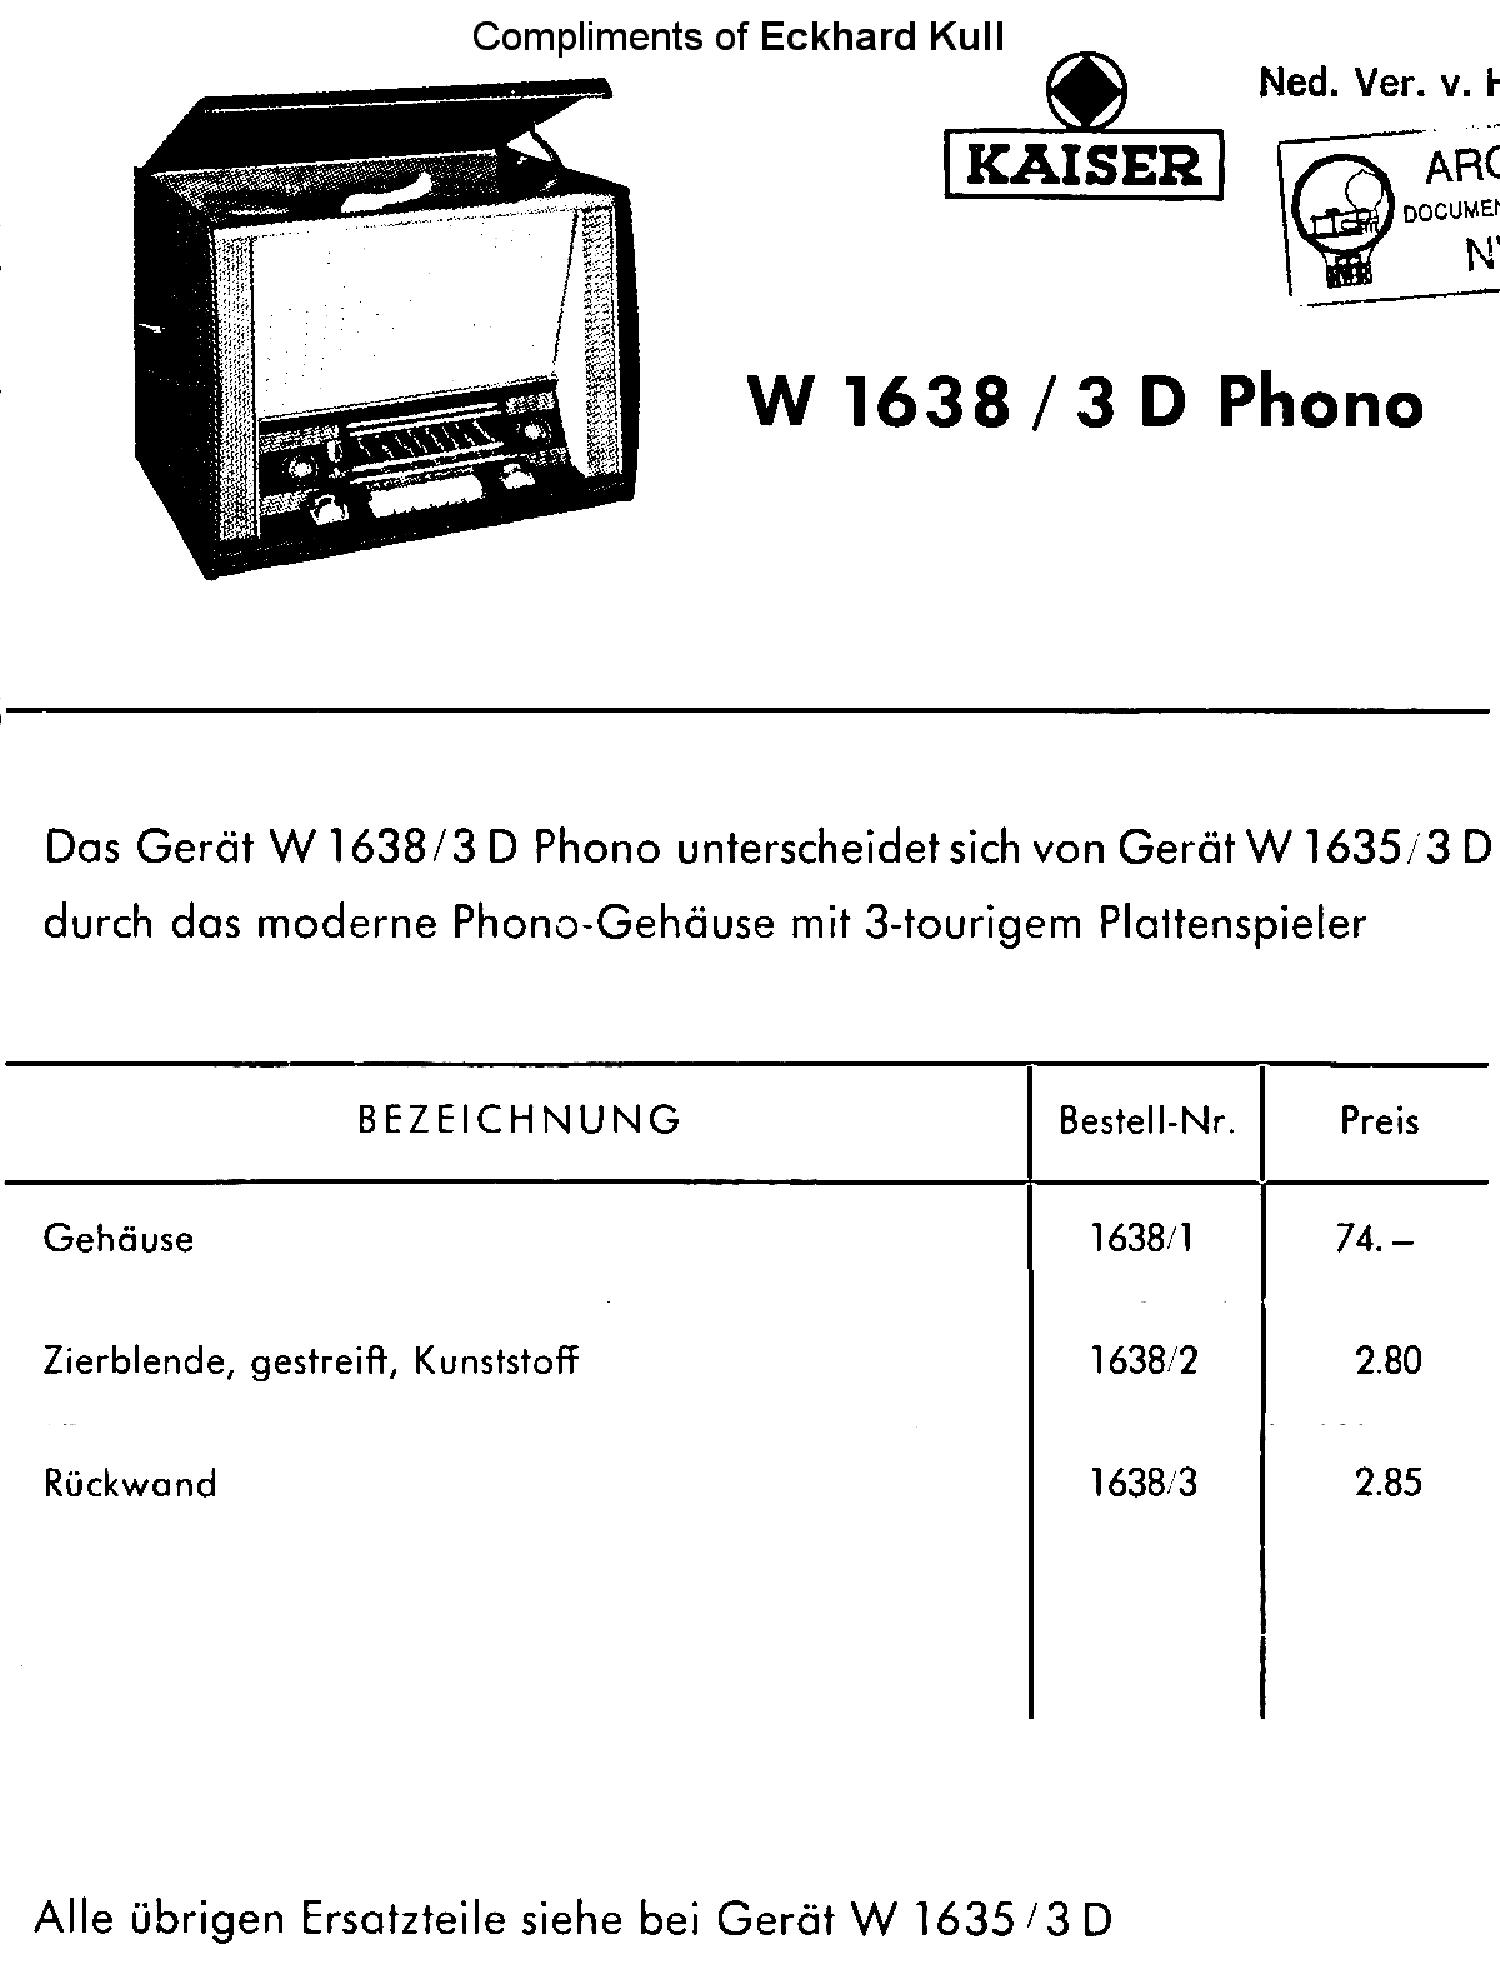 kaiser w1638 3d phono receiver sm service manual download rh elektrotanya com Kaiser Permanente Member Services Kaiser Permanente Irvine